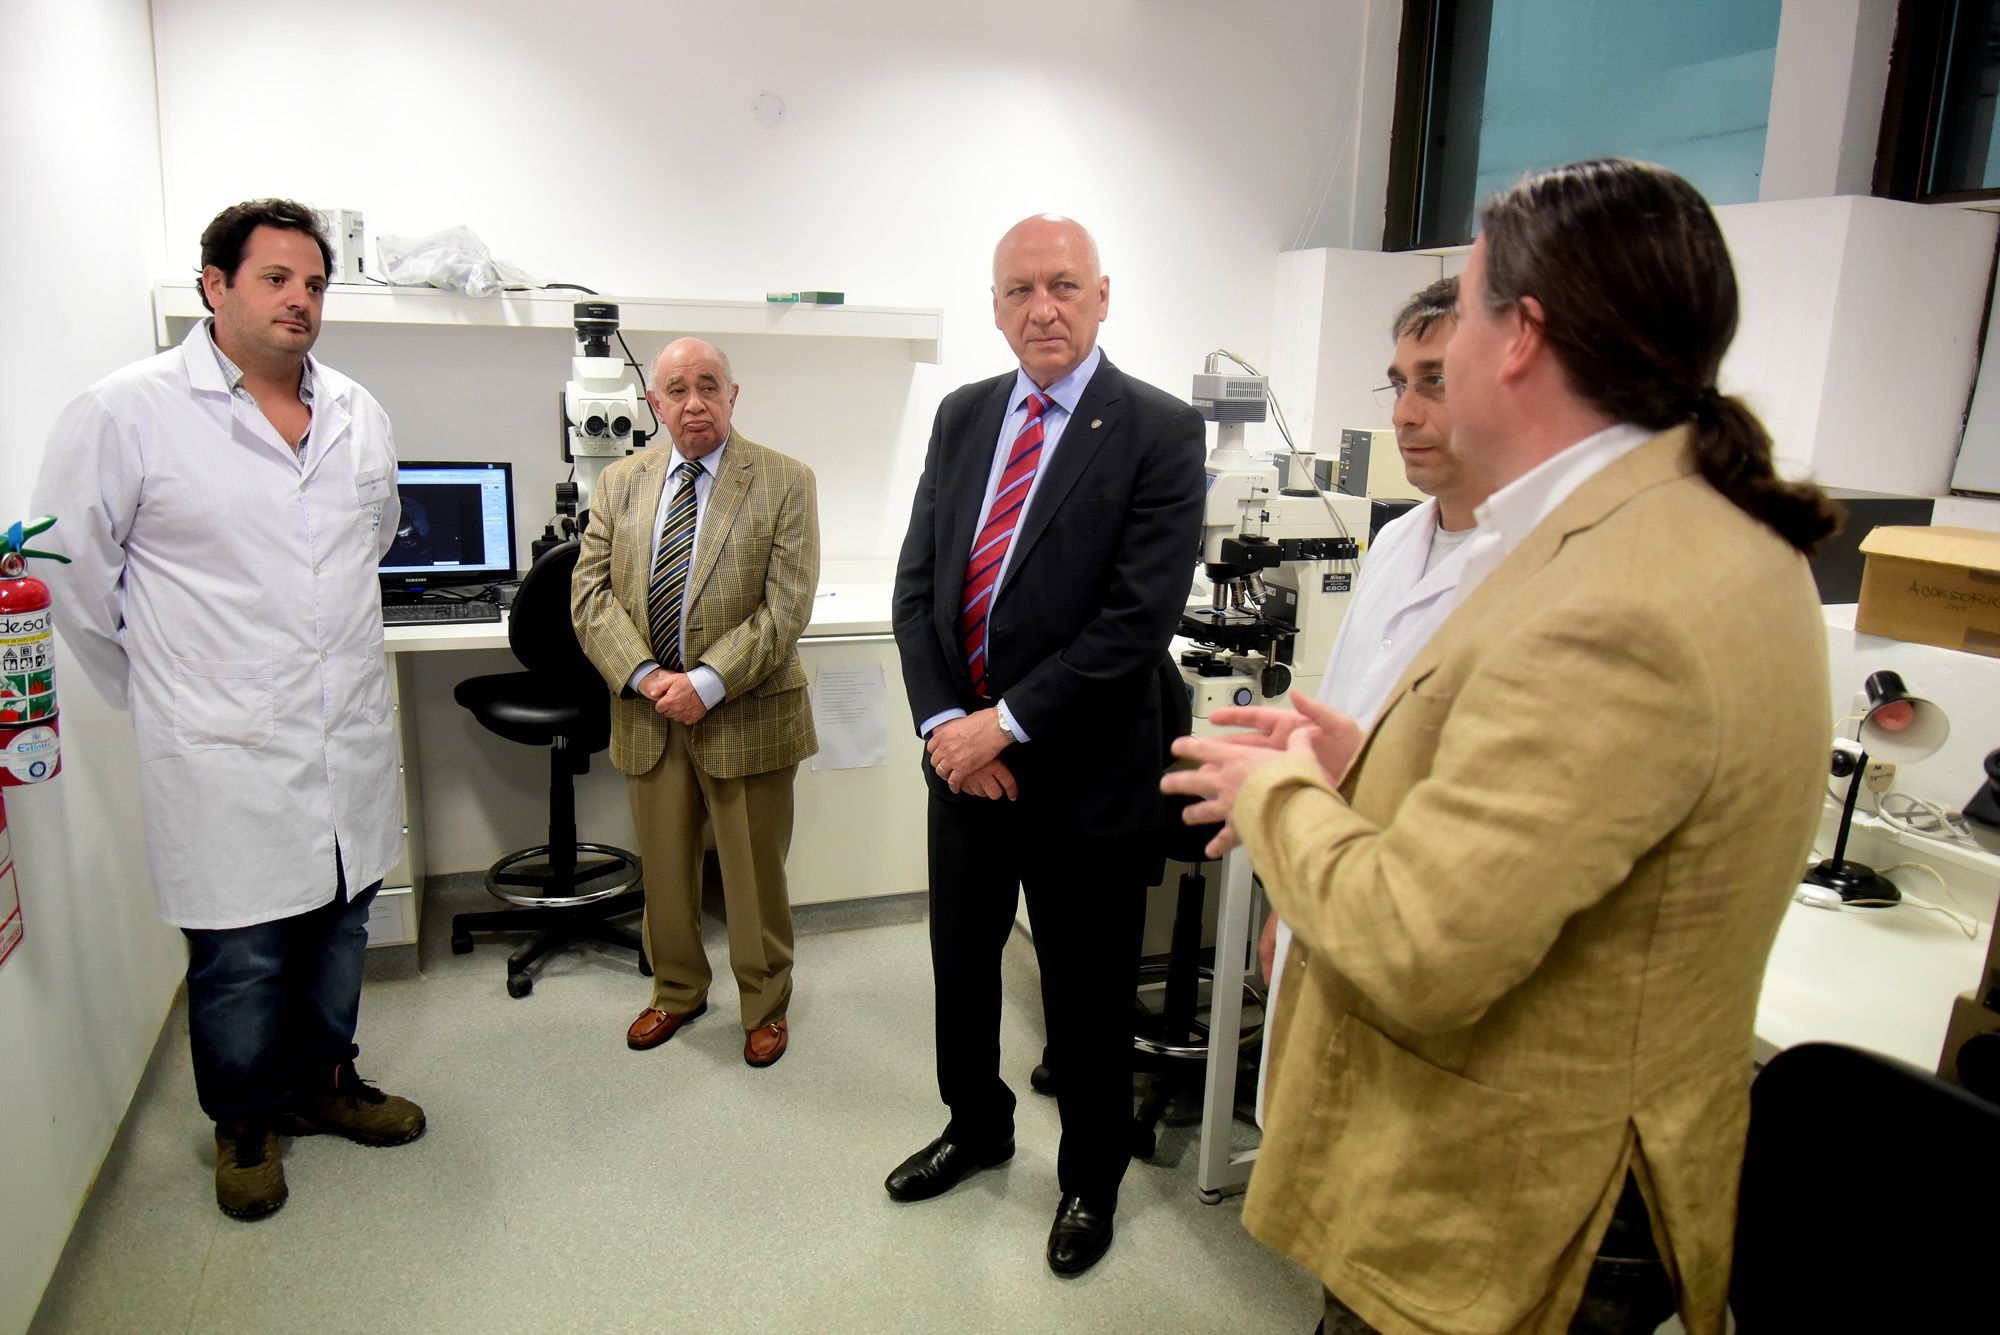 Recorrida. Bonfatti visitó el Instituto de Biología Molecular (IBR)